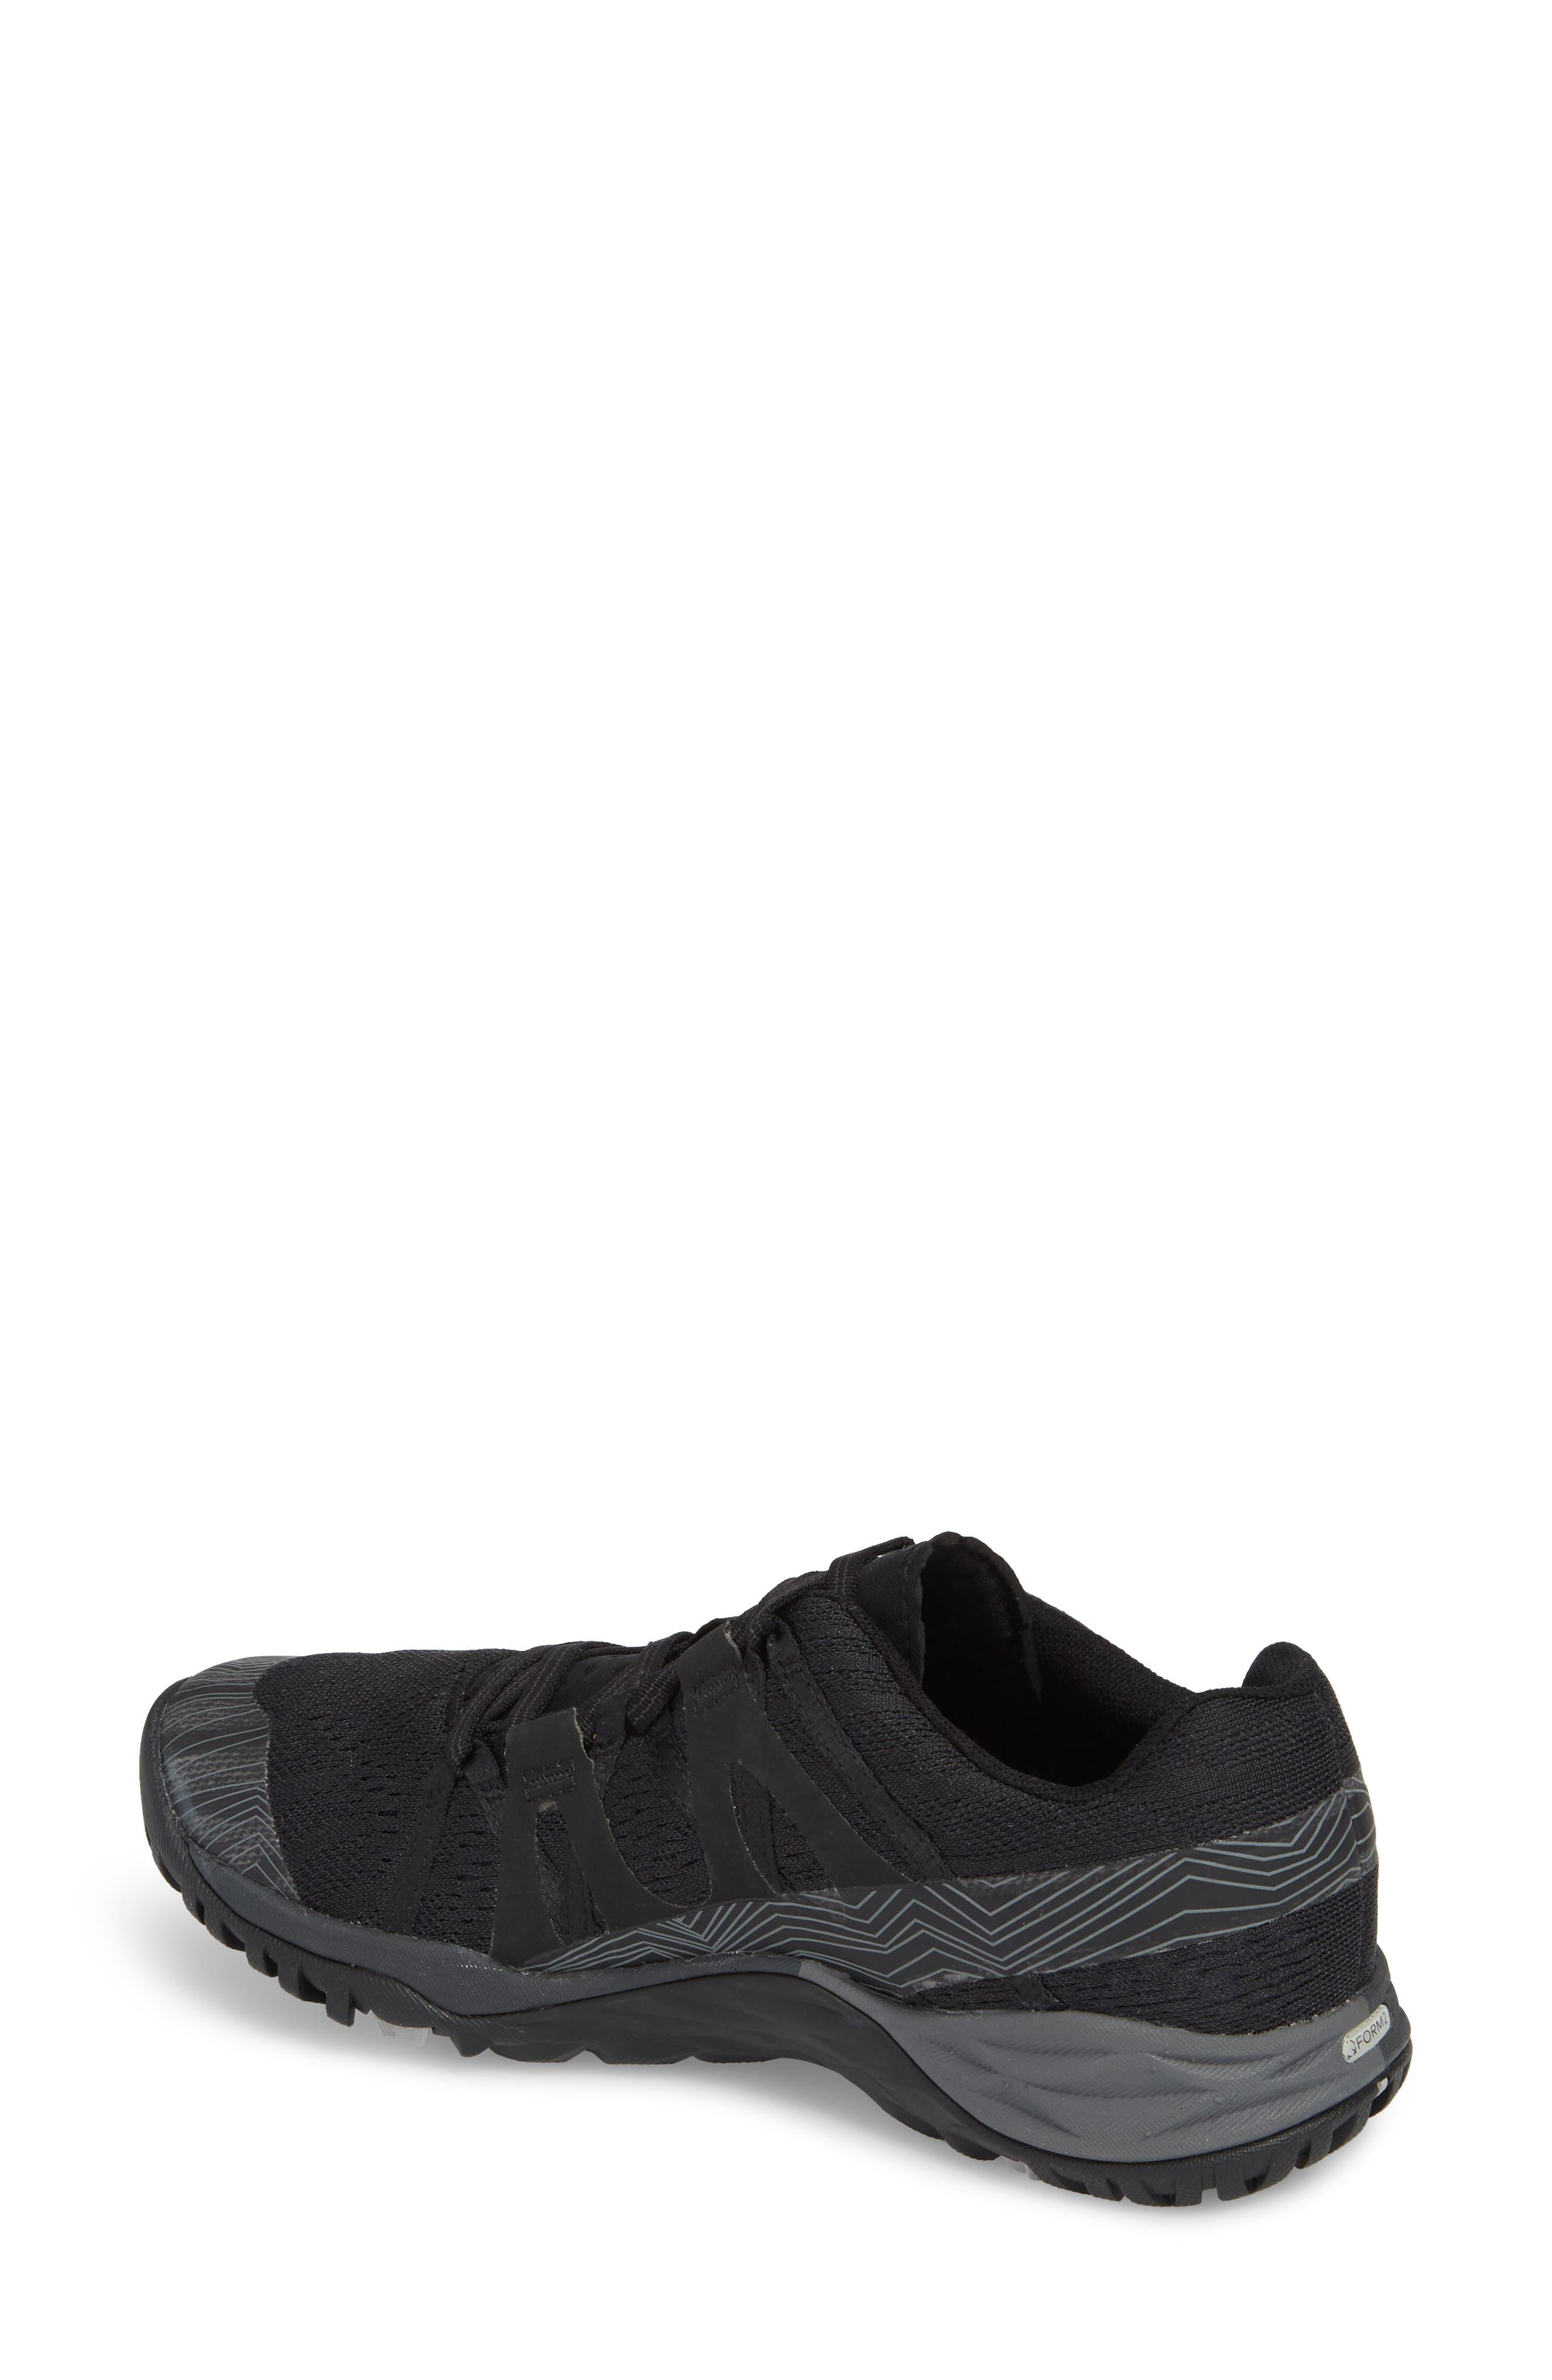 Siren Hex Sneaker,                             Alternate thumbnail 2, color,                             001